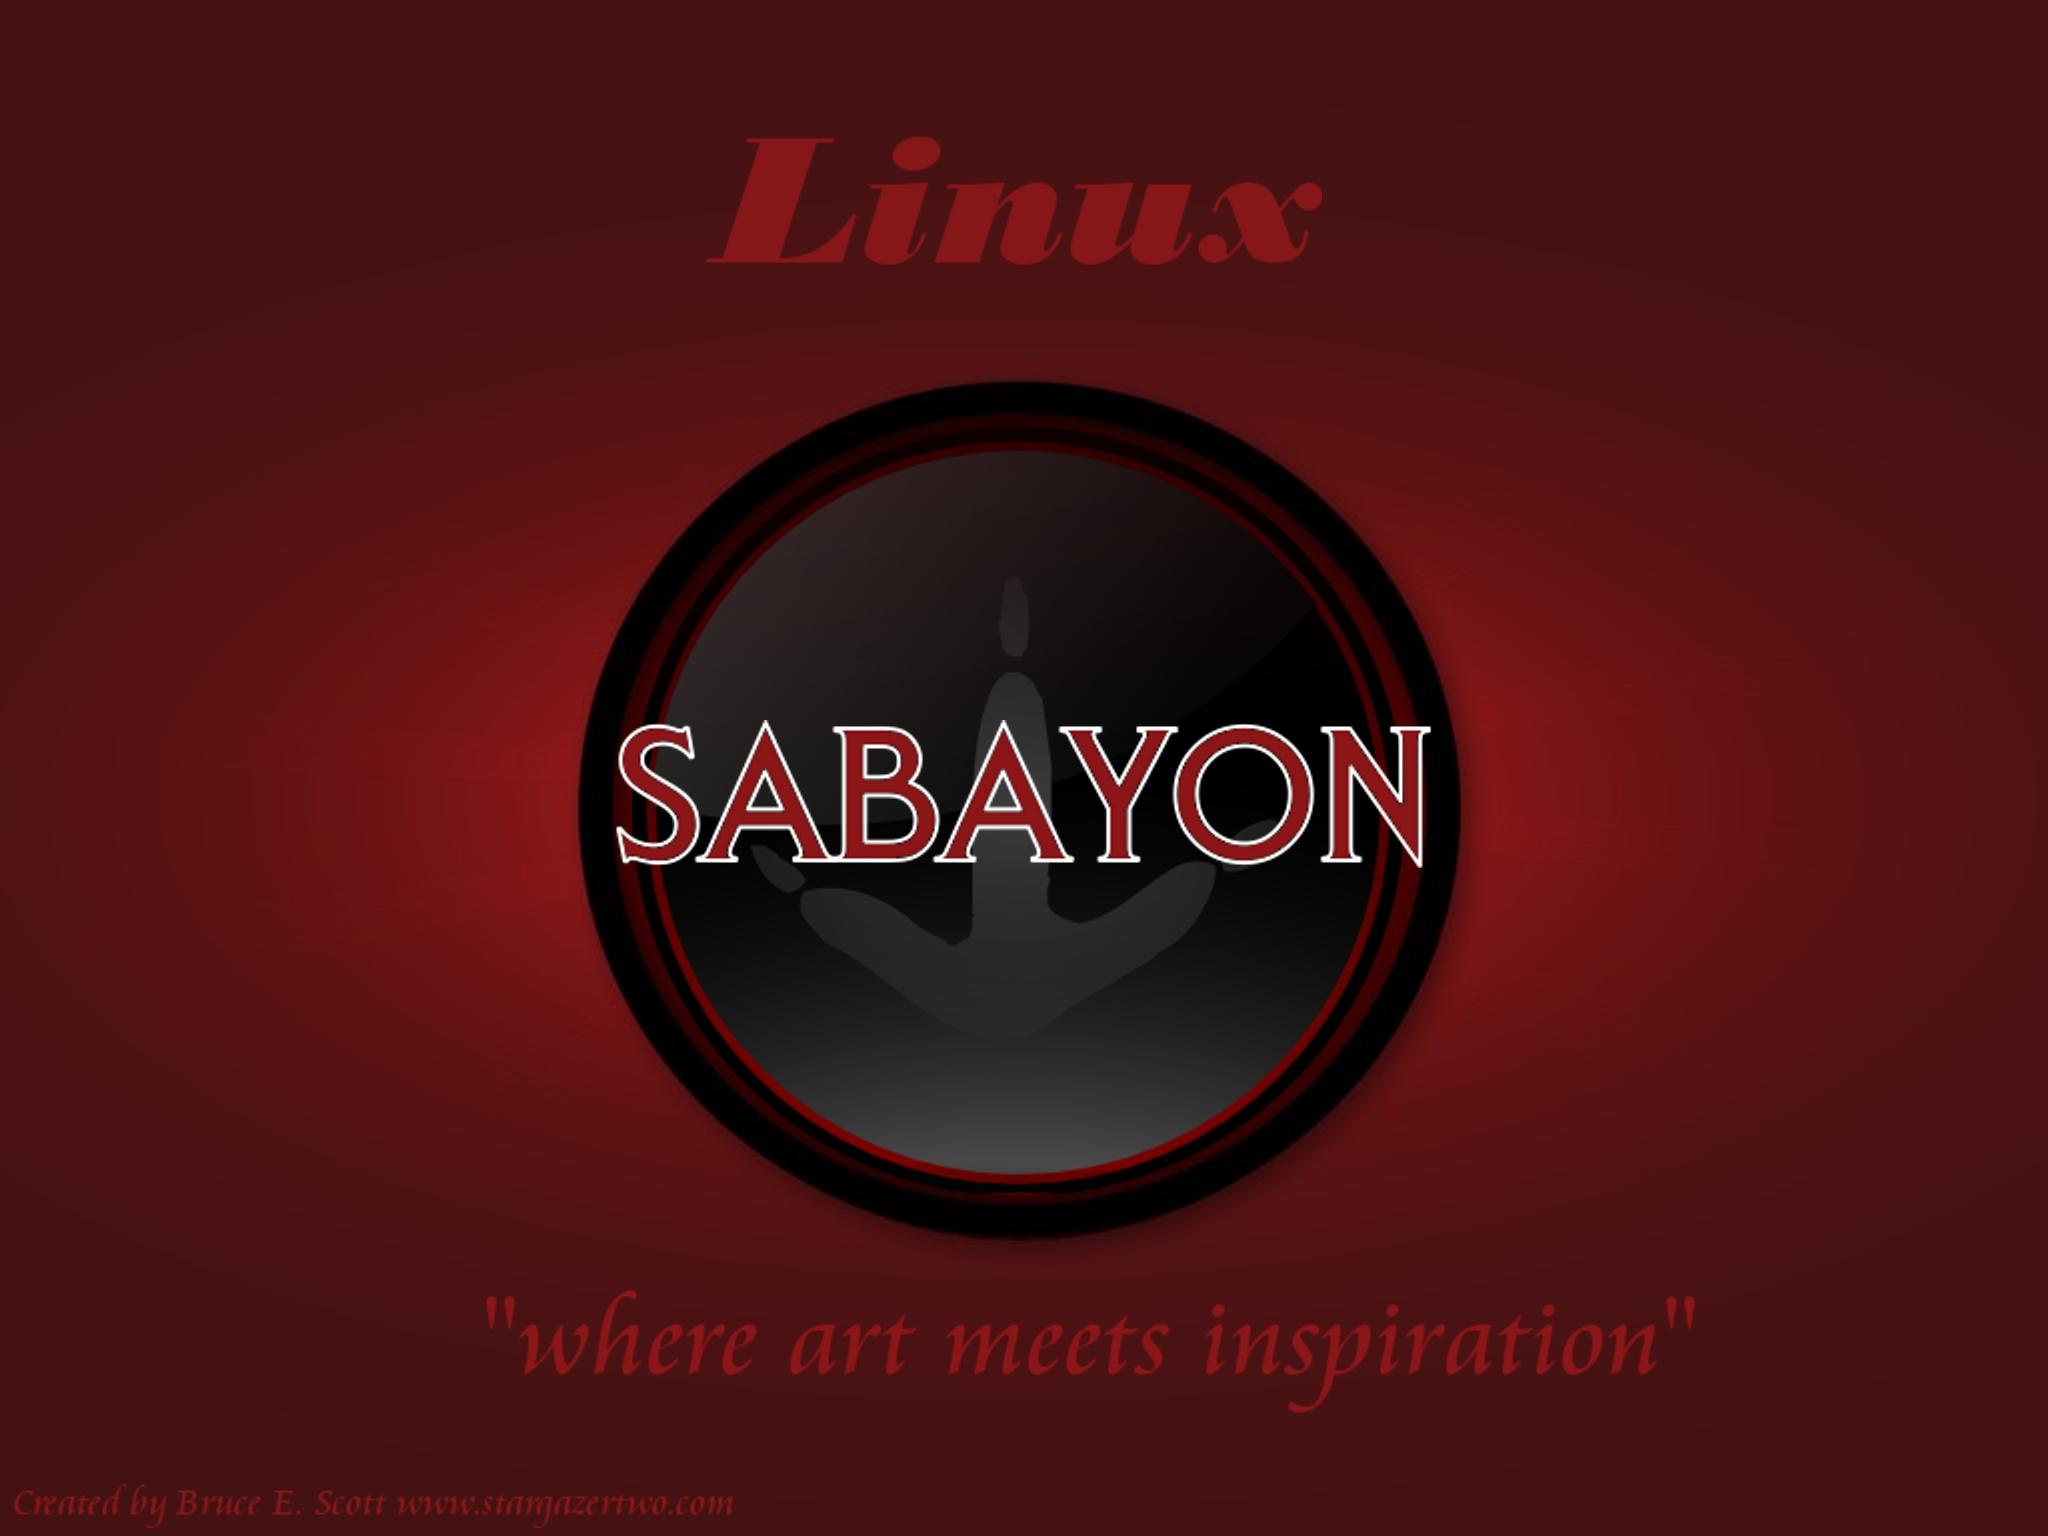 Sabayon-2048.JPG (381328 bytes)